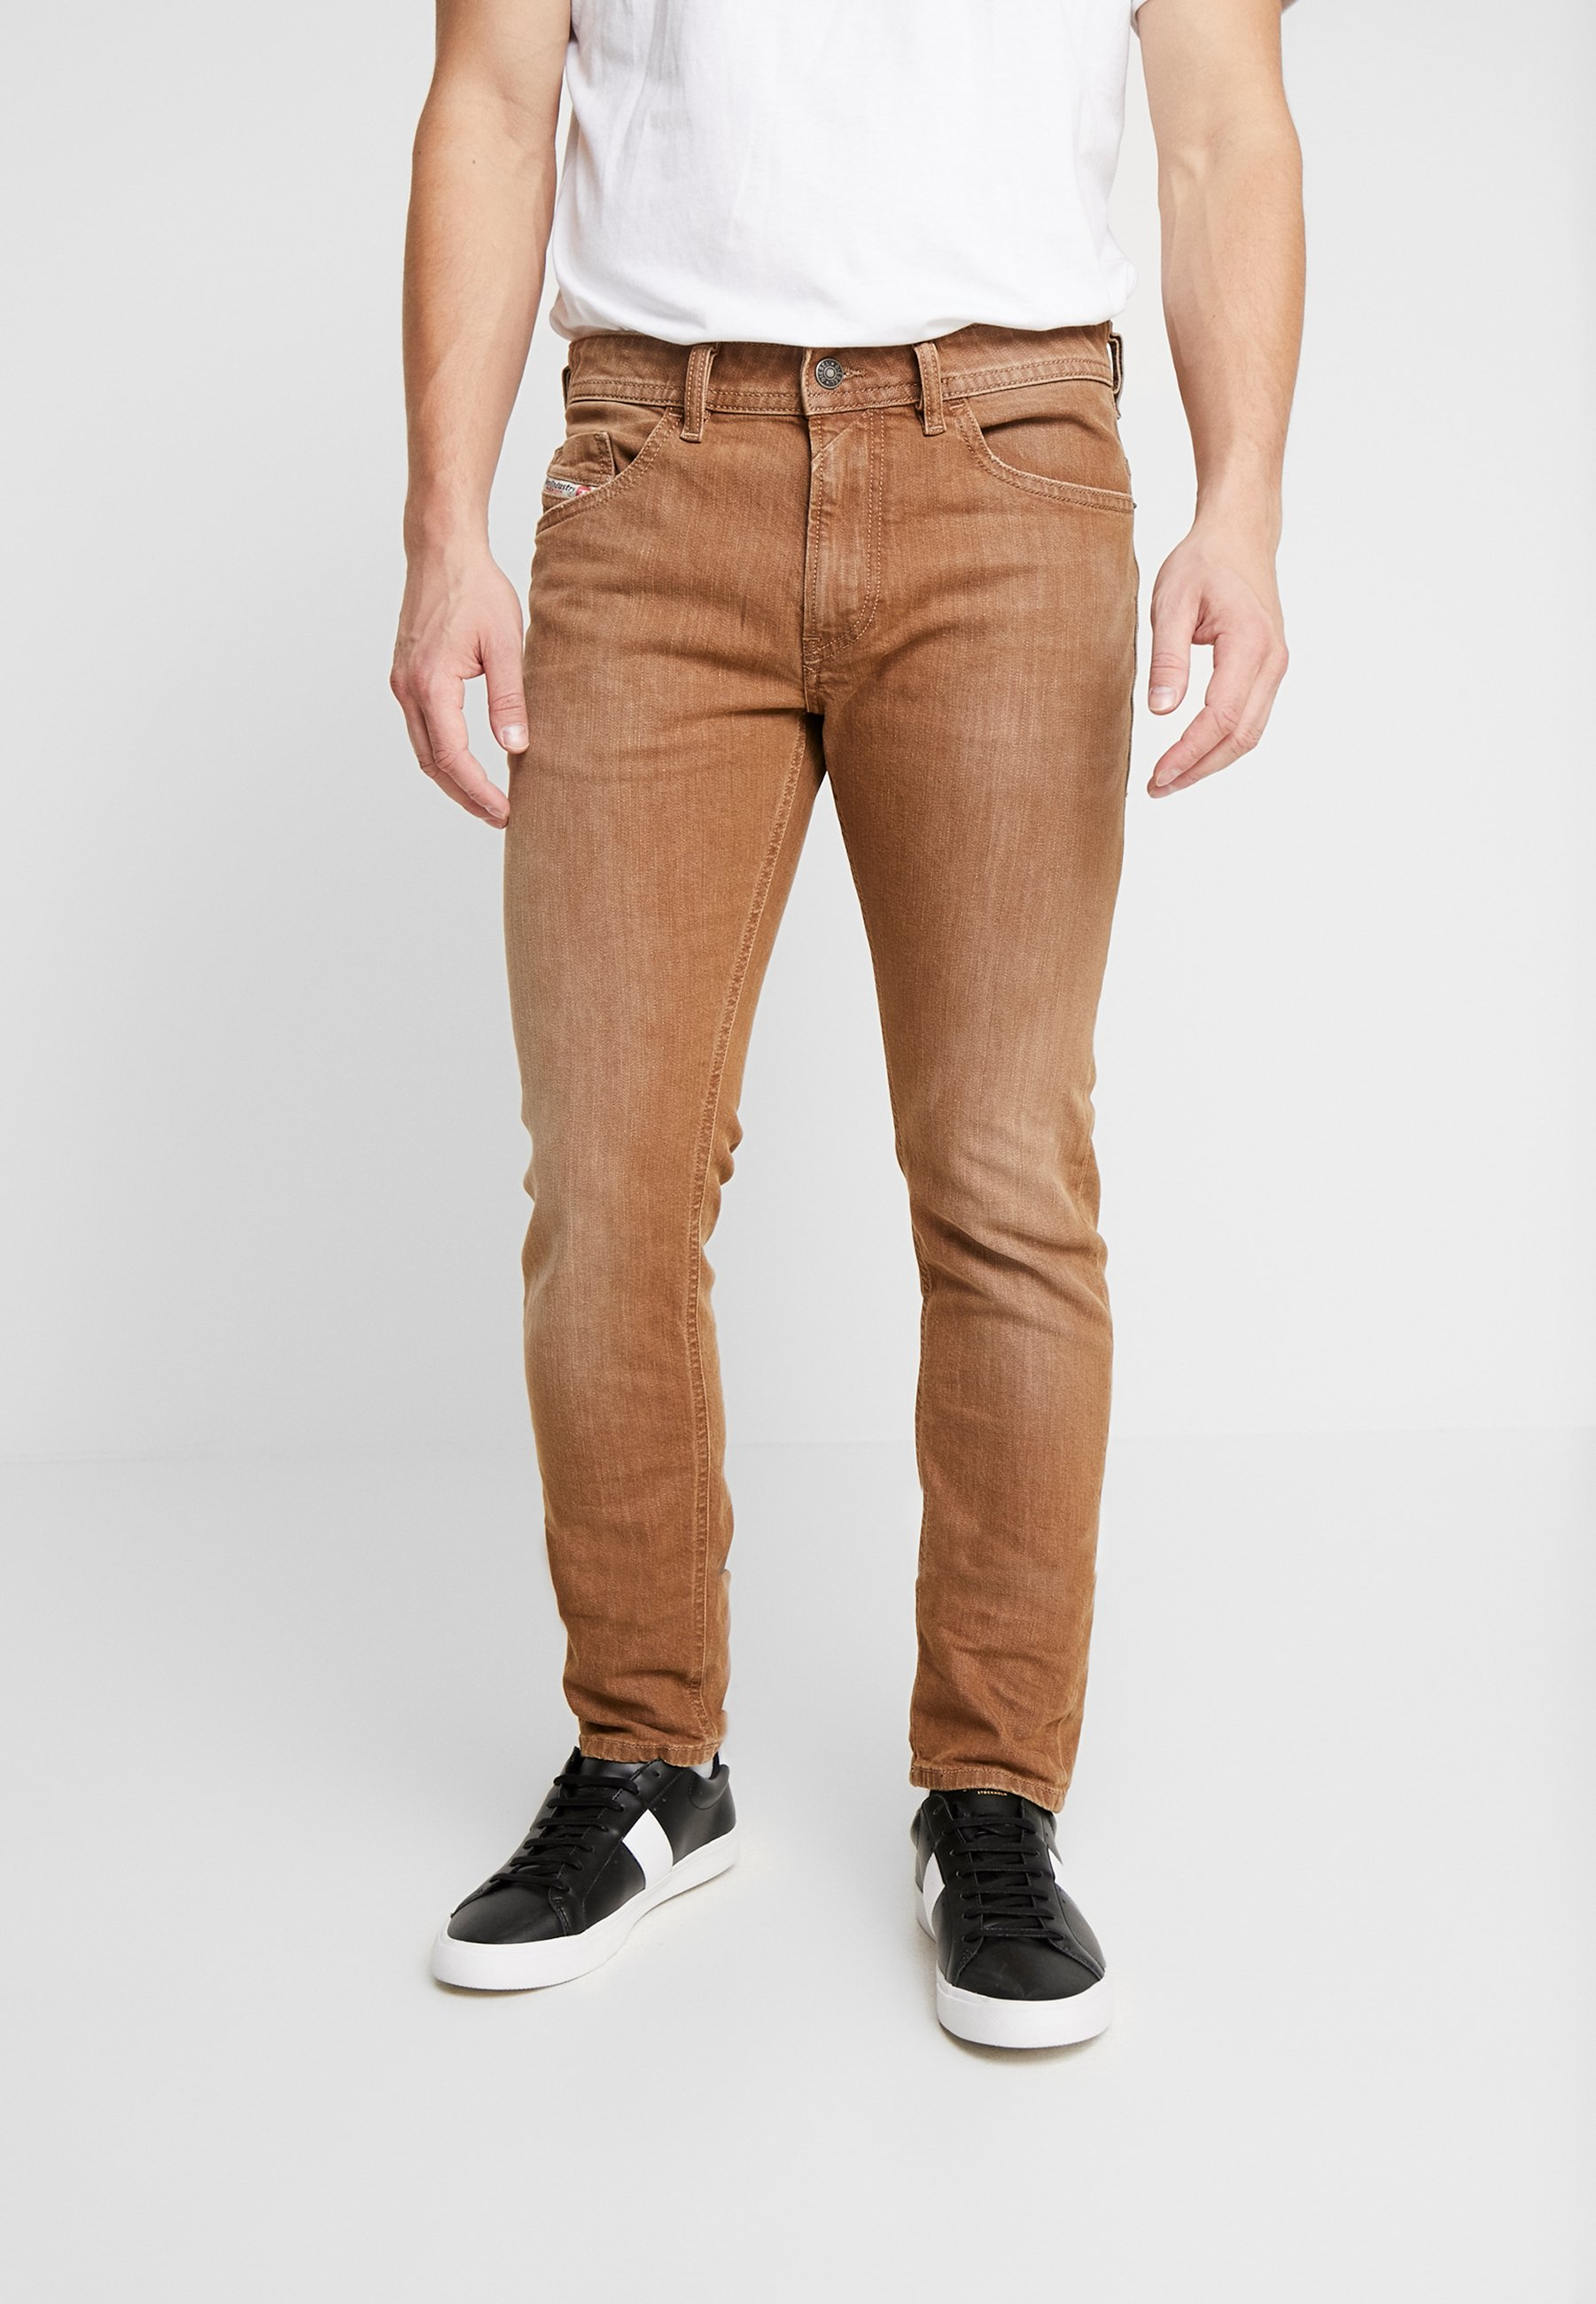 Bruine Heren jeans online kopen   Gratis verzending   ZALANDO